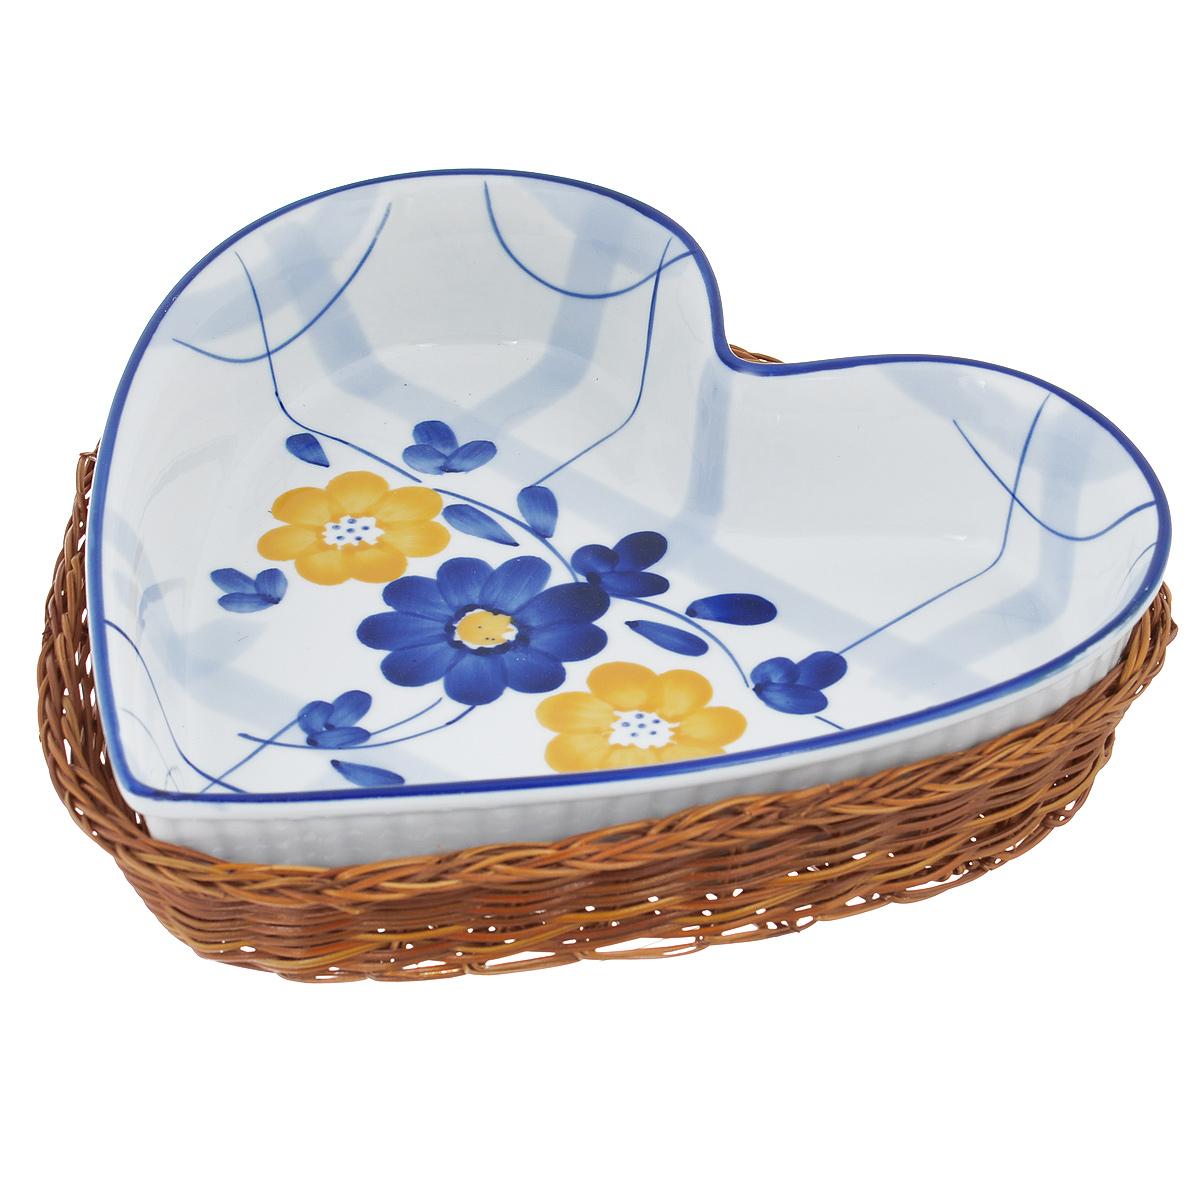 Блюдо Bekker Dish с корзиной, цвет: синий, белый, 24,5 см х 24 смBK-7329 (16)Блюдо Bekker Dish изготовлено из высококачественной жаропрочной керамики и декорировано изображением цветов. В комплект входит плетеная корзина-подставка, изготовленная из ротанга.Изделия из керамики идеально подходят как для приготовления пищи, так и для подачи на стол. Материал не содержит свинца и кадмия. С такой формой вы всегда сможете порадовать своих близких оригинальным блюдом.Блюдо можно использовать в духовке и микроволновой печи. Можно мыть в посудомоечной машине.